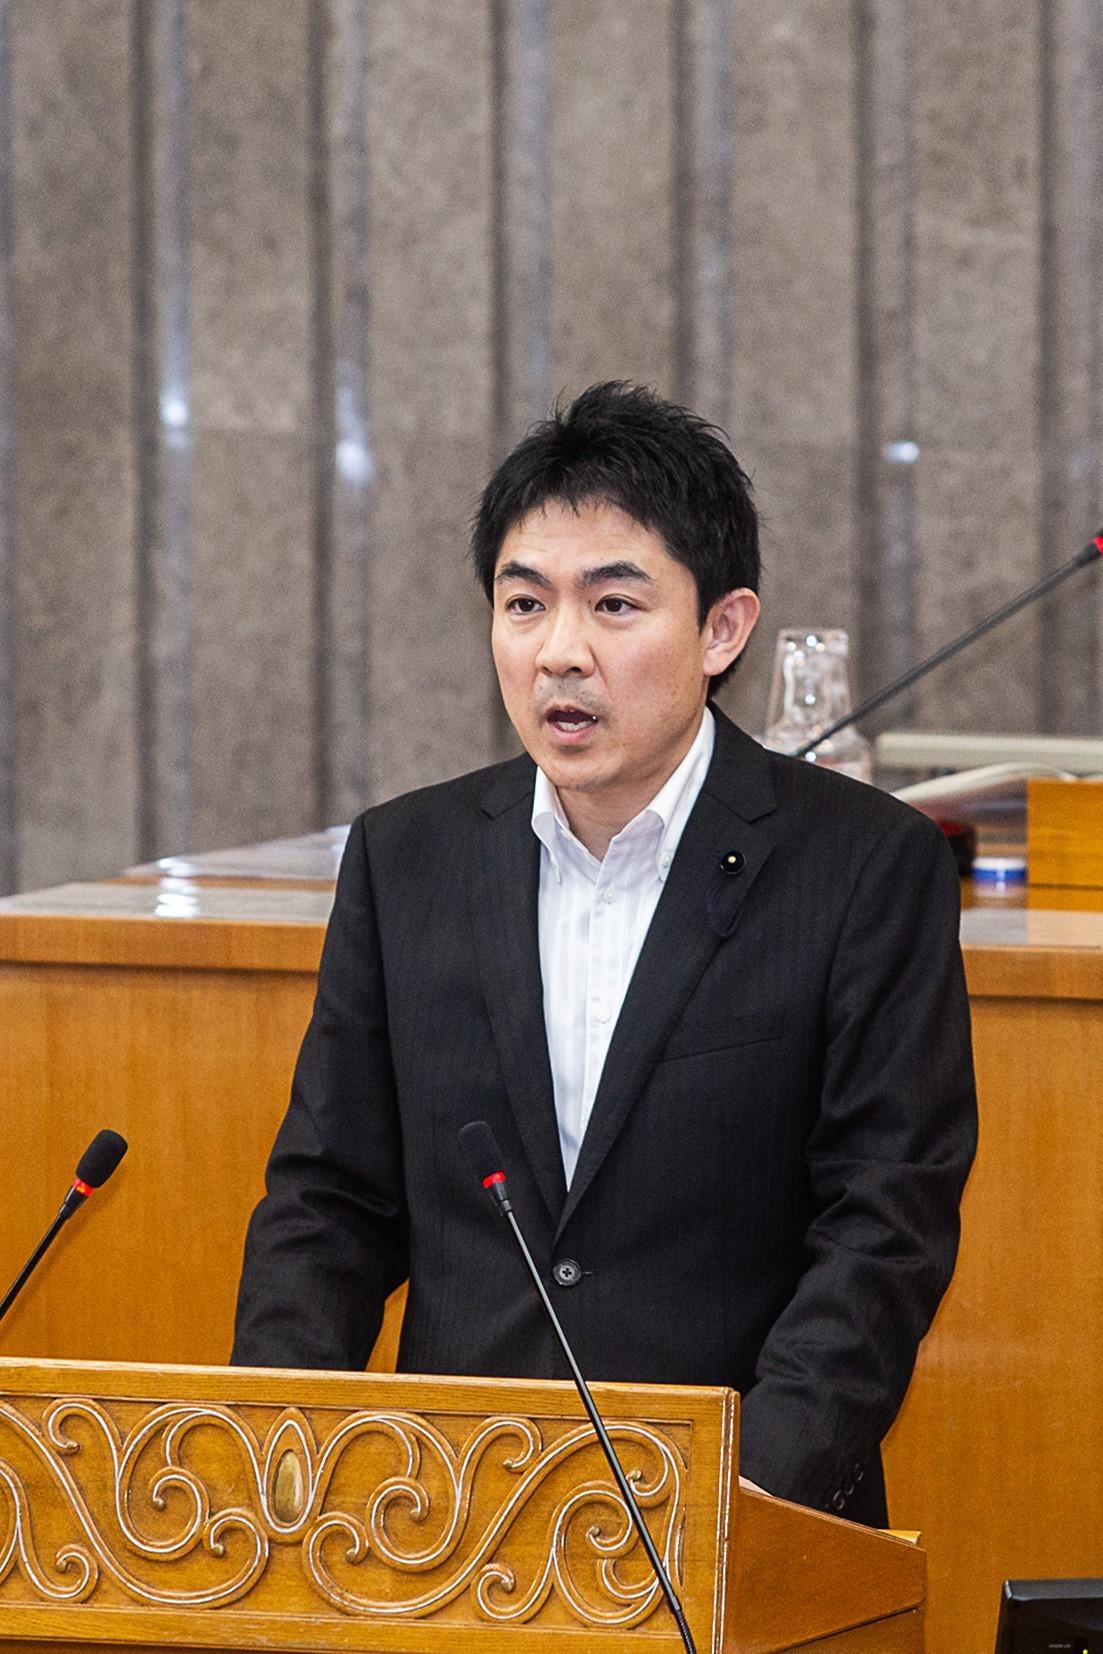 『 福島県議会9月定例会 』_f0259324_13530839.jpg